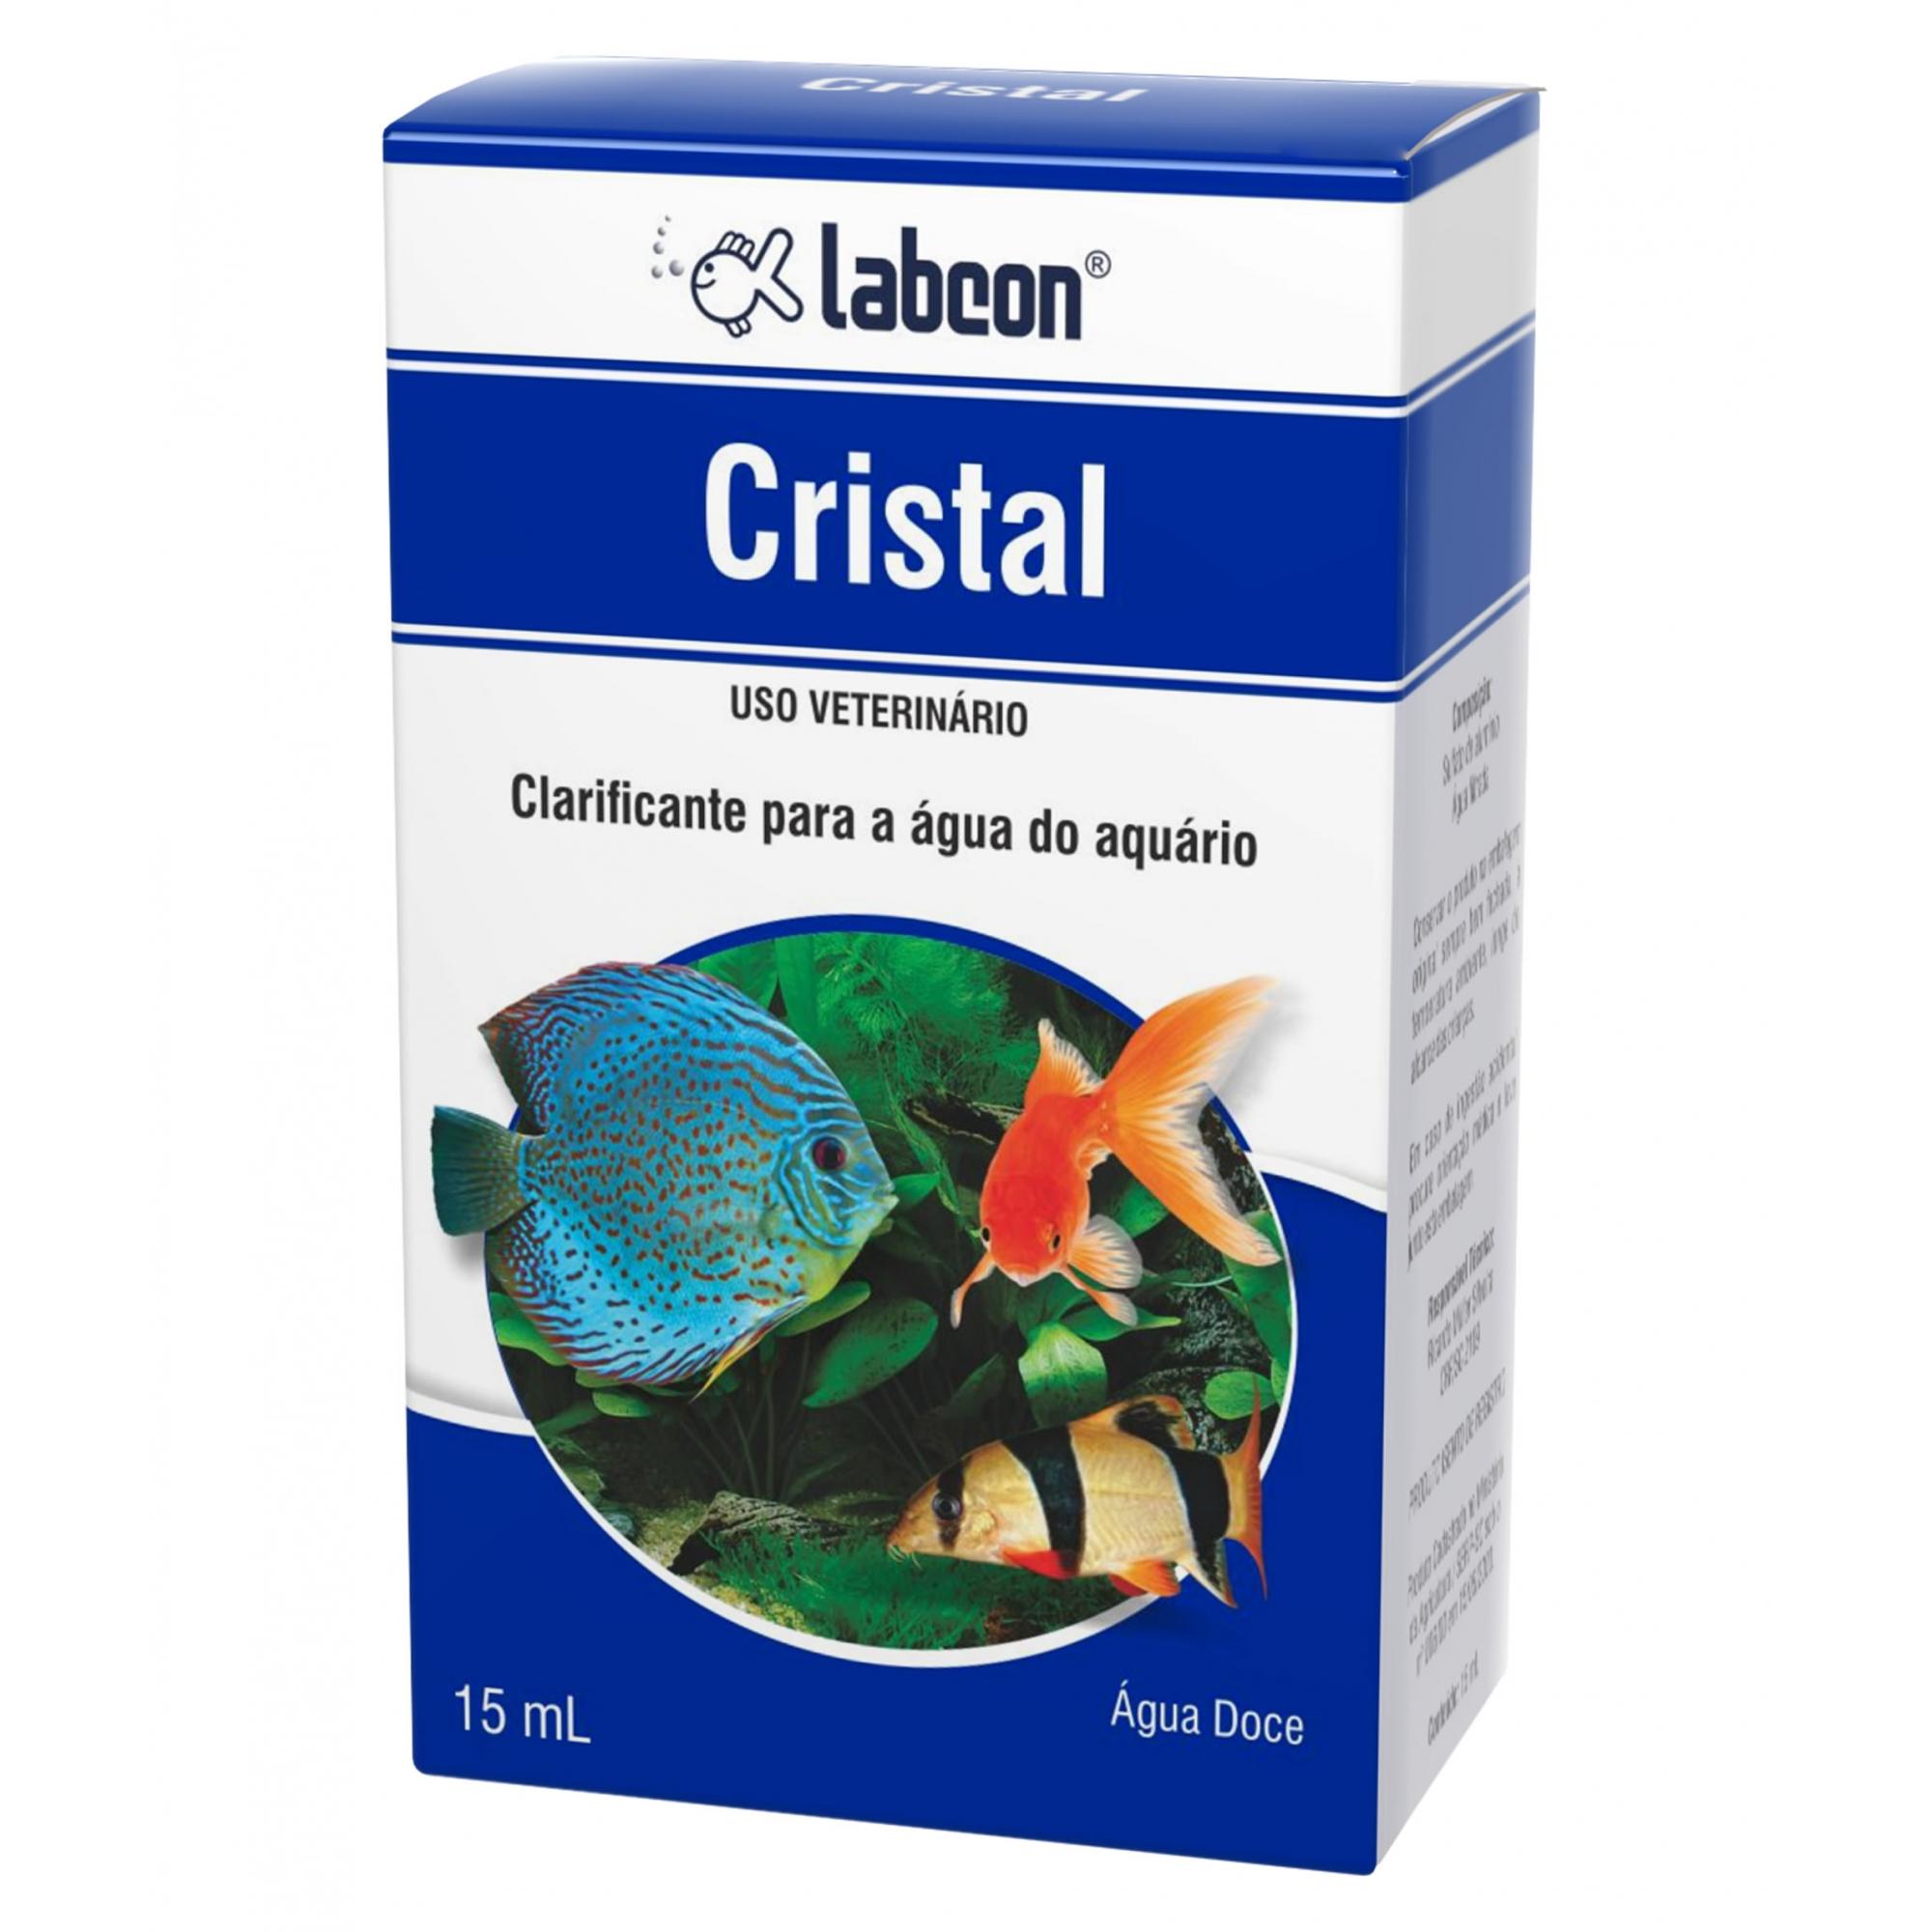 Alcon Labcon Cristal - 15ML